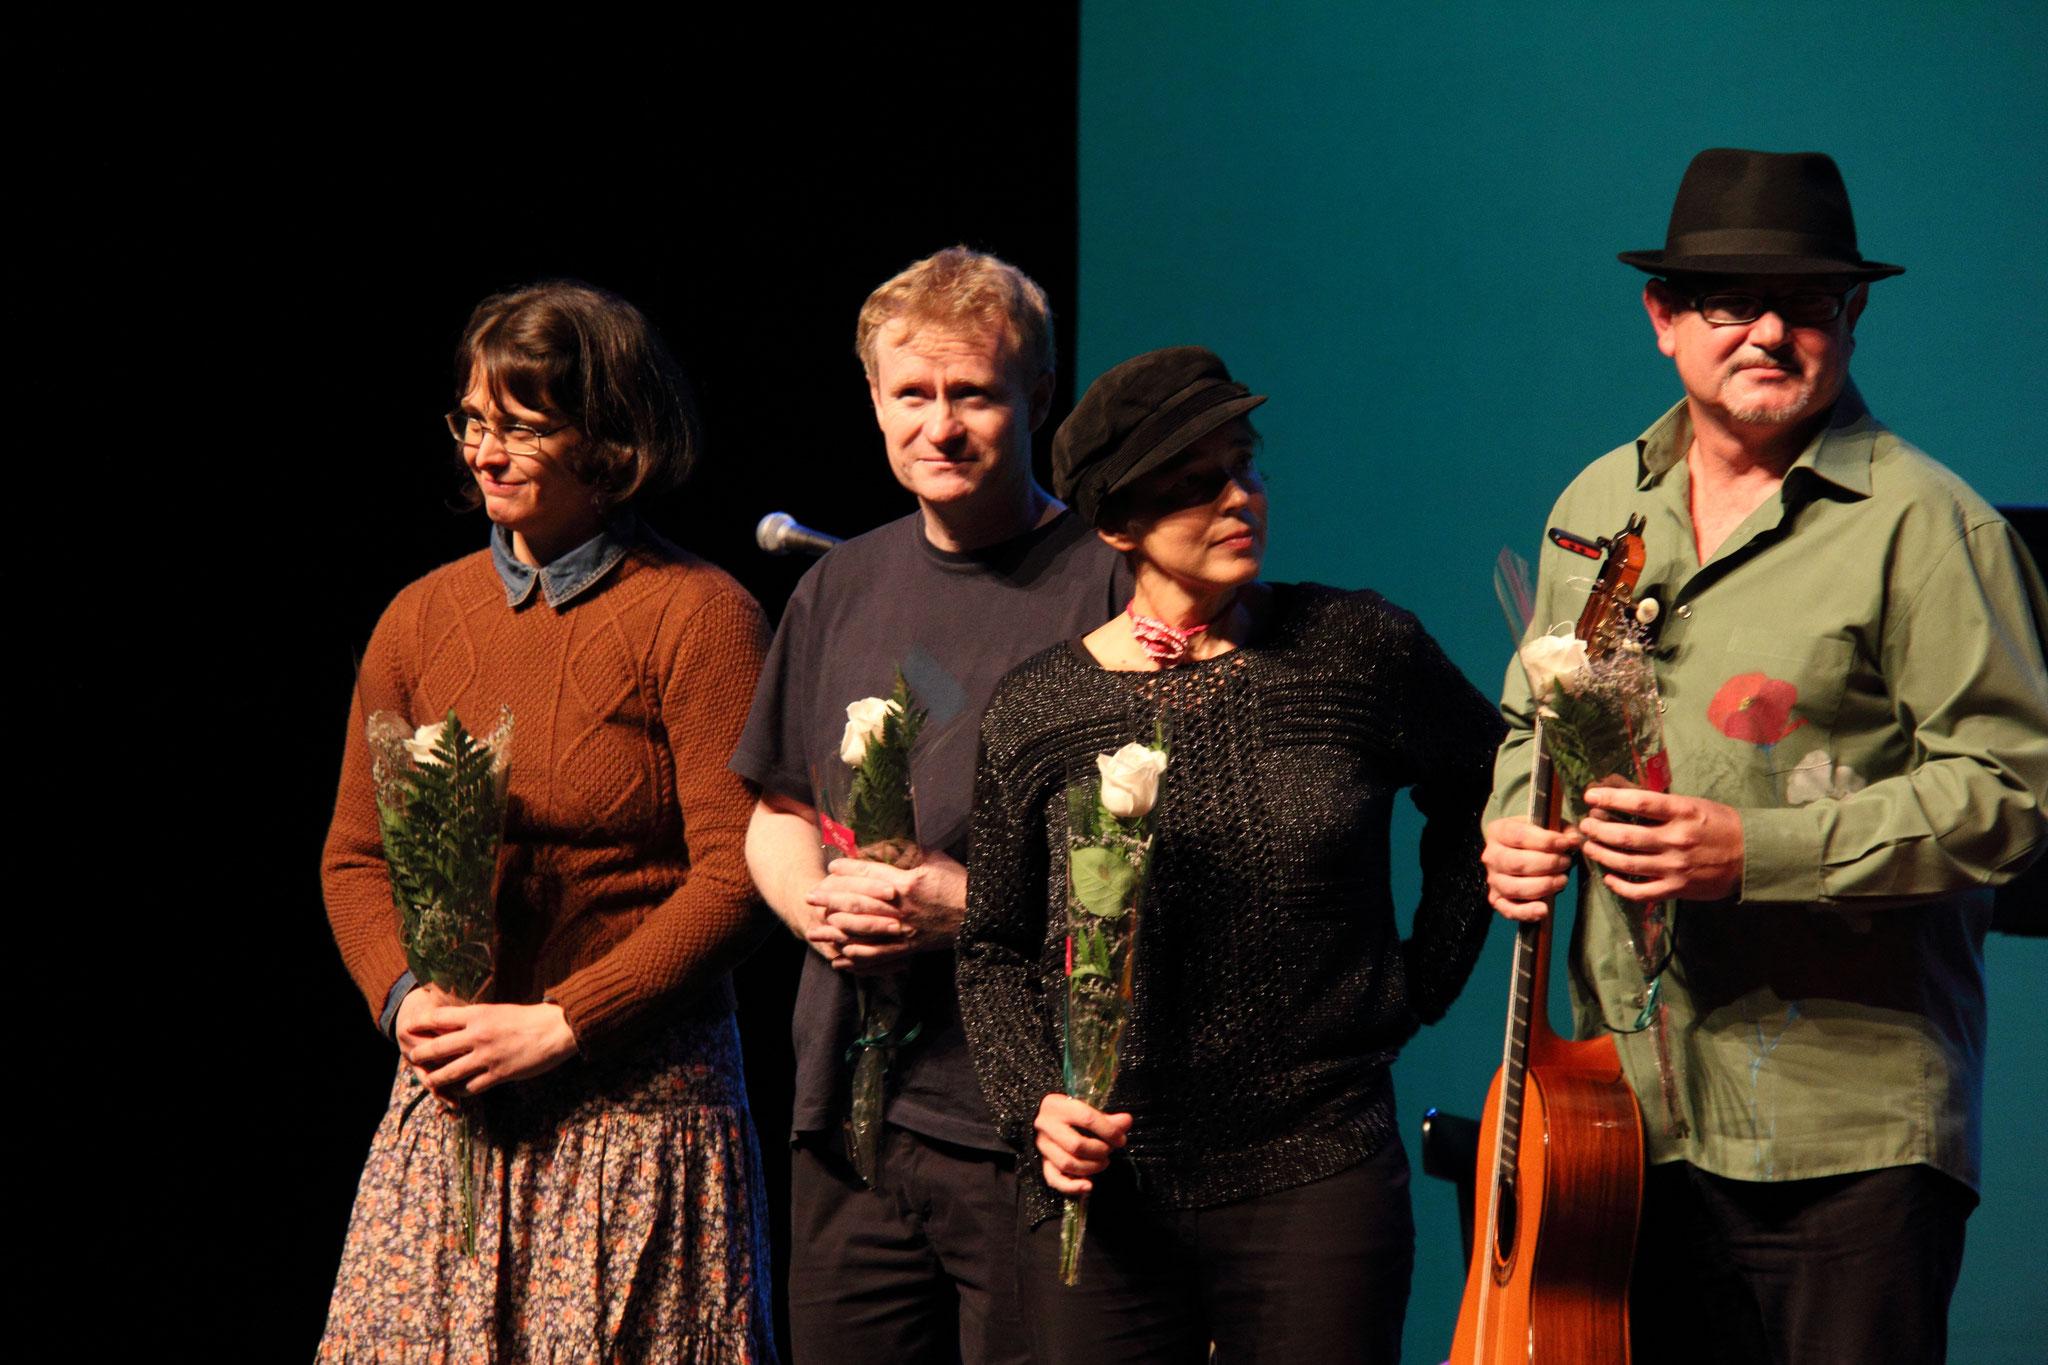 Concierto Músicas sin barreras. Yani Martinelli, Mark Walden, Carmen Ros, José Luis Montón